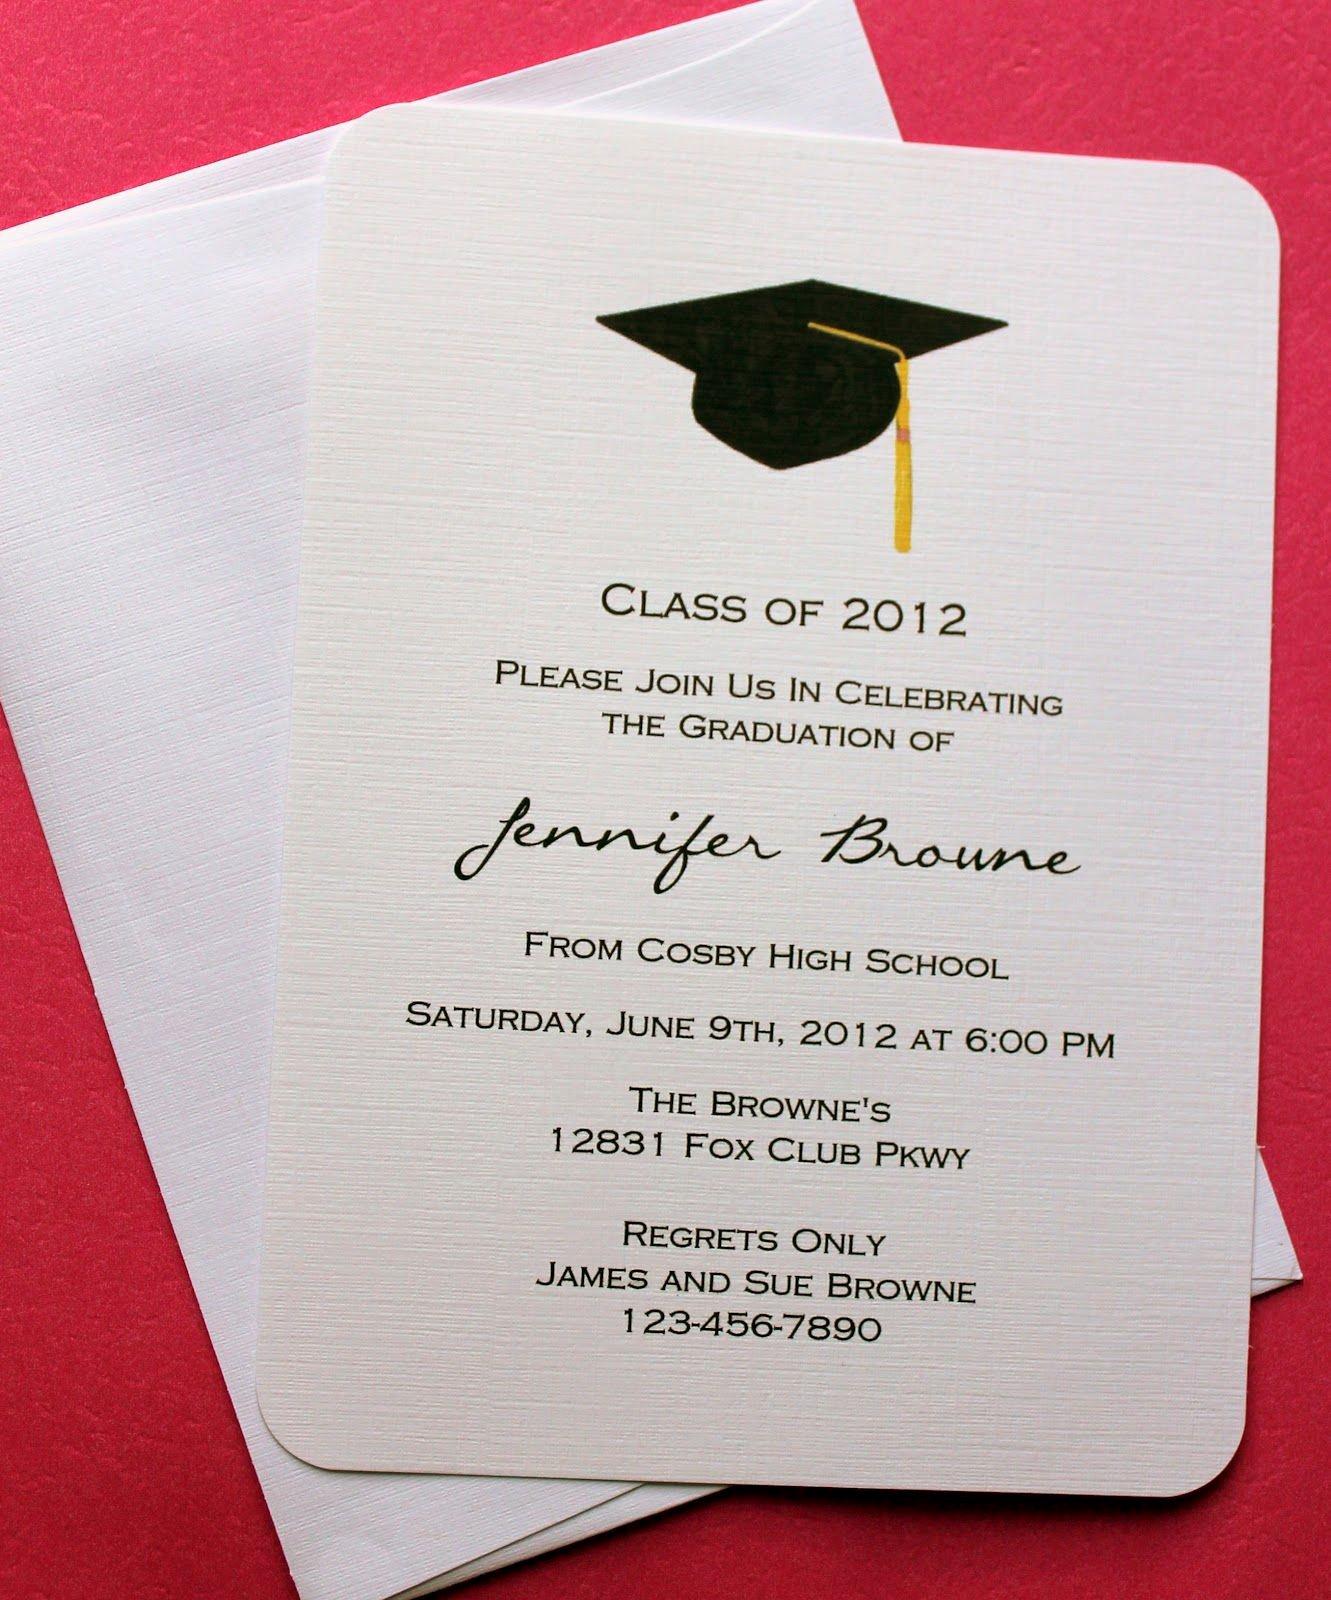 Graduation Invitation Template Word Unique Graduation Invitation Template Graduation Invitation